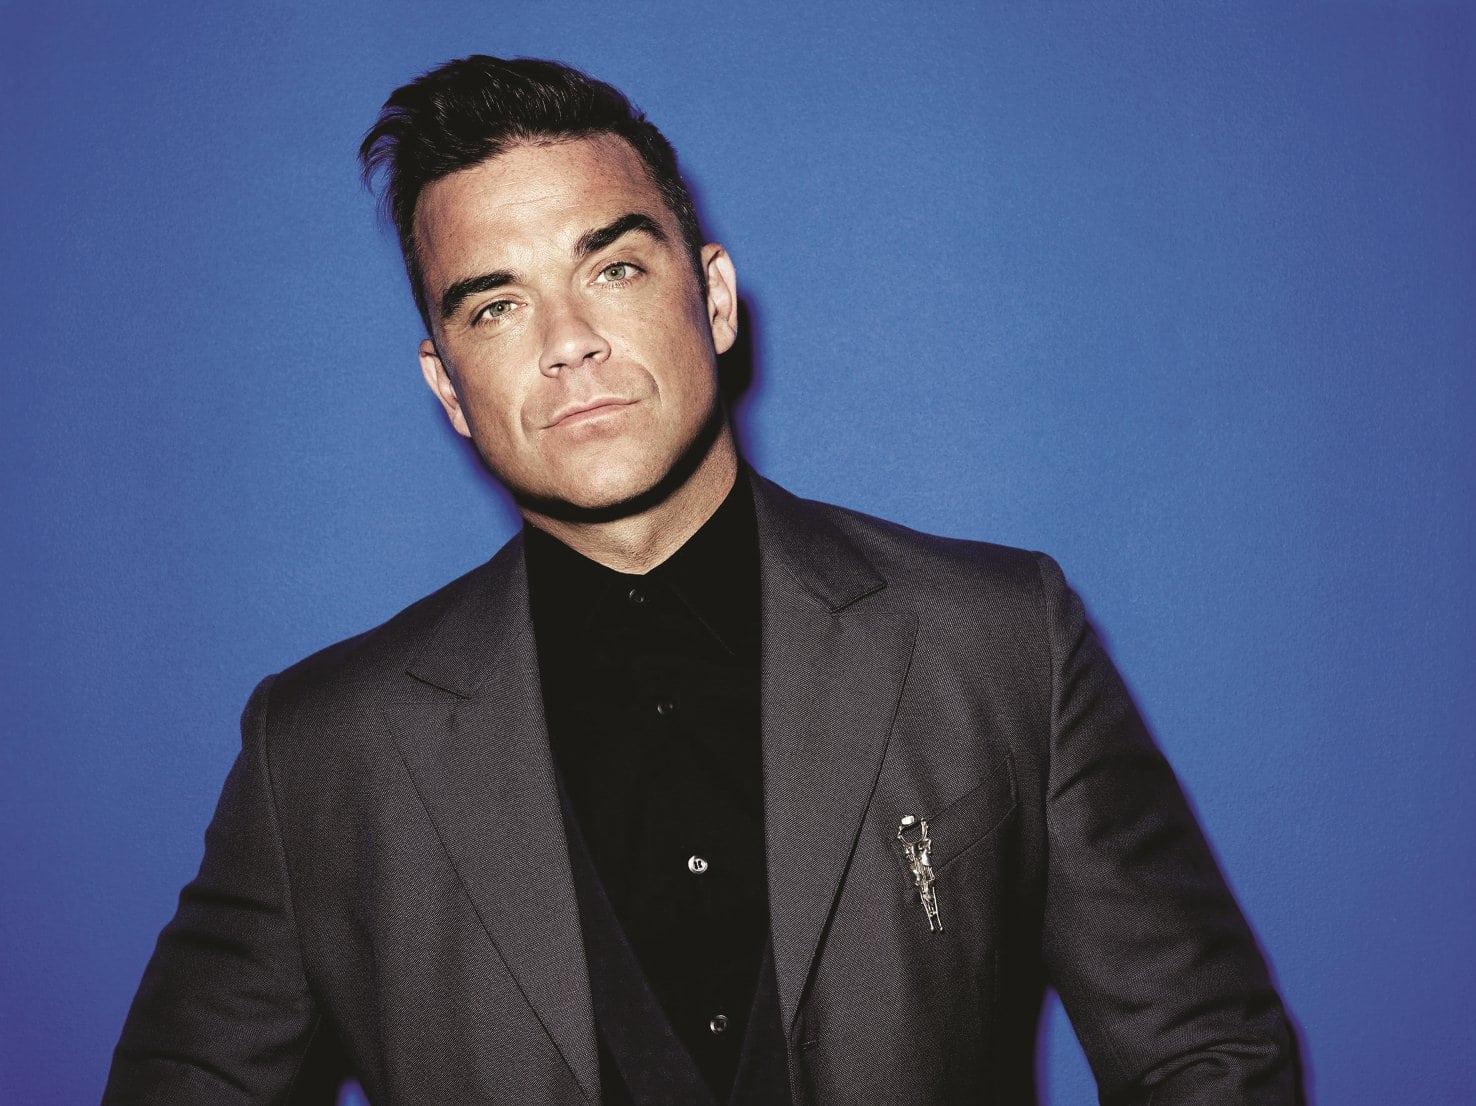 Robbie Williams Google Images